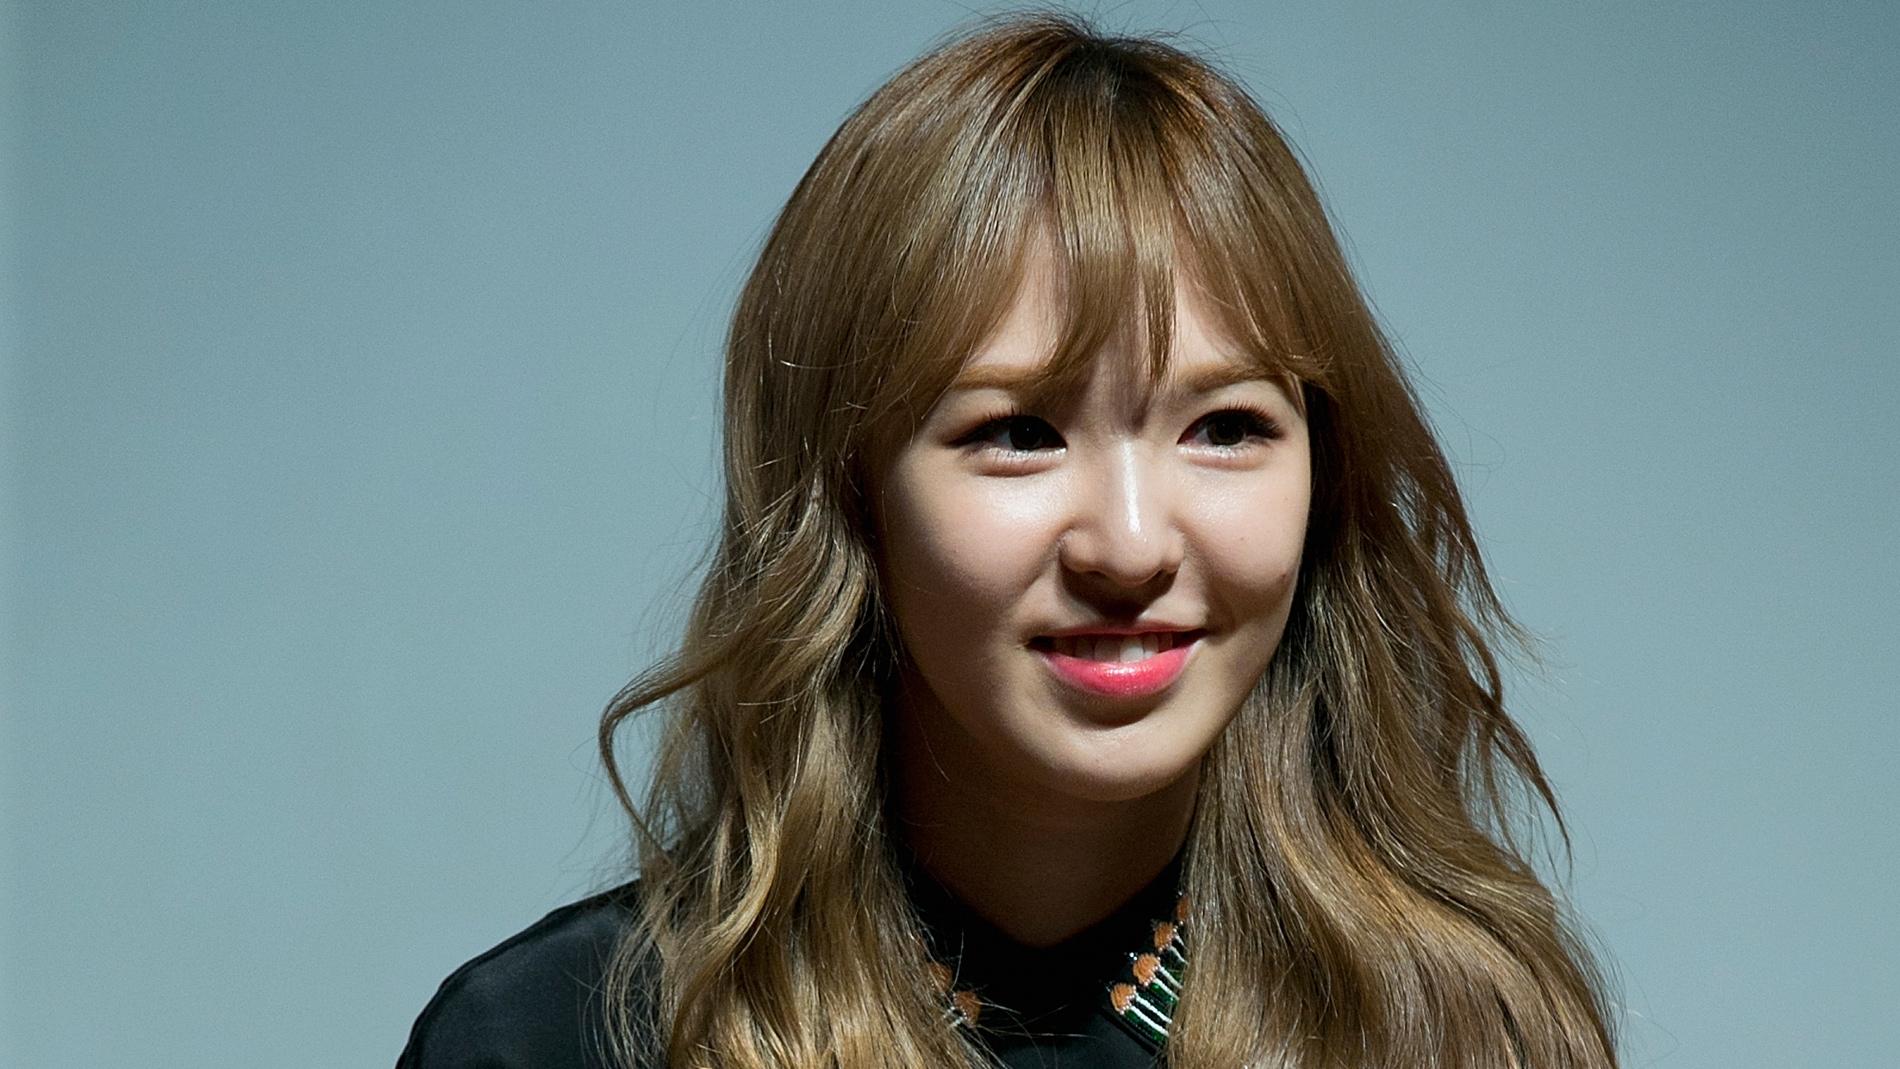 Wendy, del grupo K-pop Red Velvet